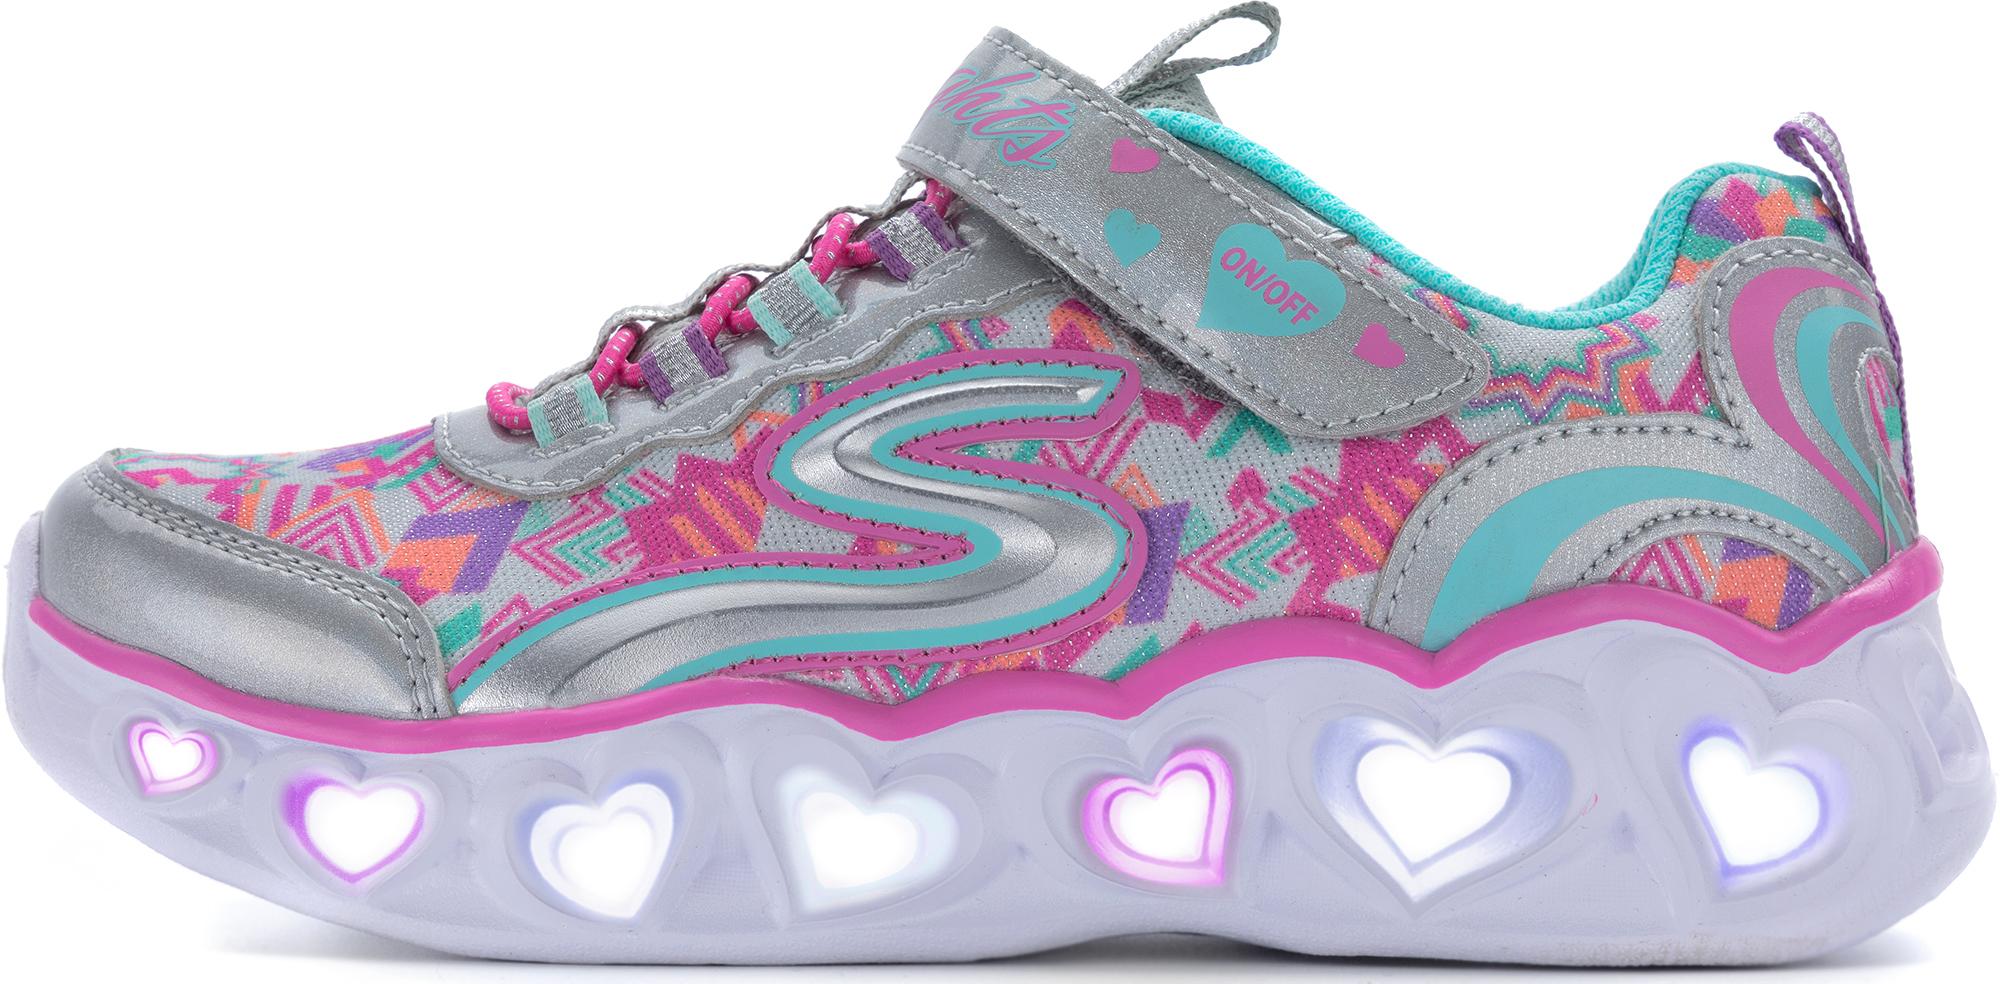 Skechers Кроссовки для девочек Heart Lights Love Lights, размер 30